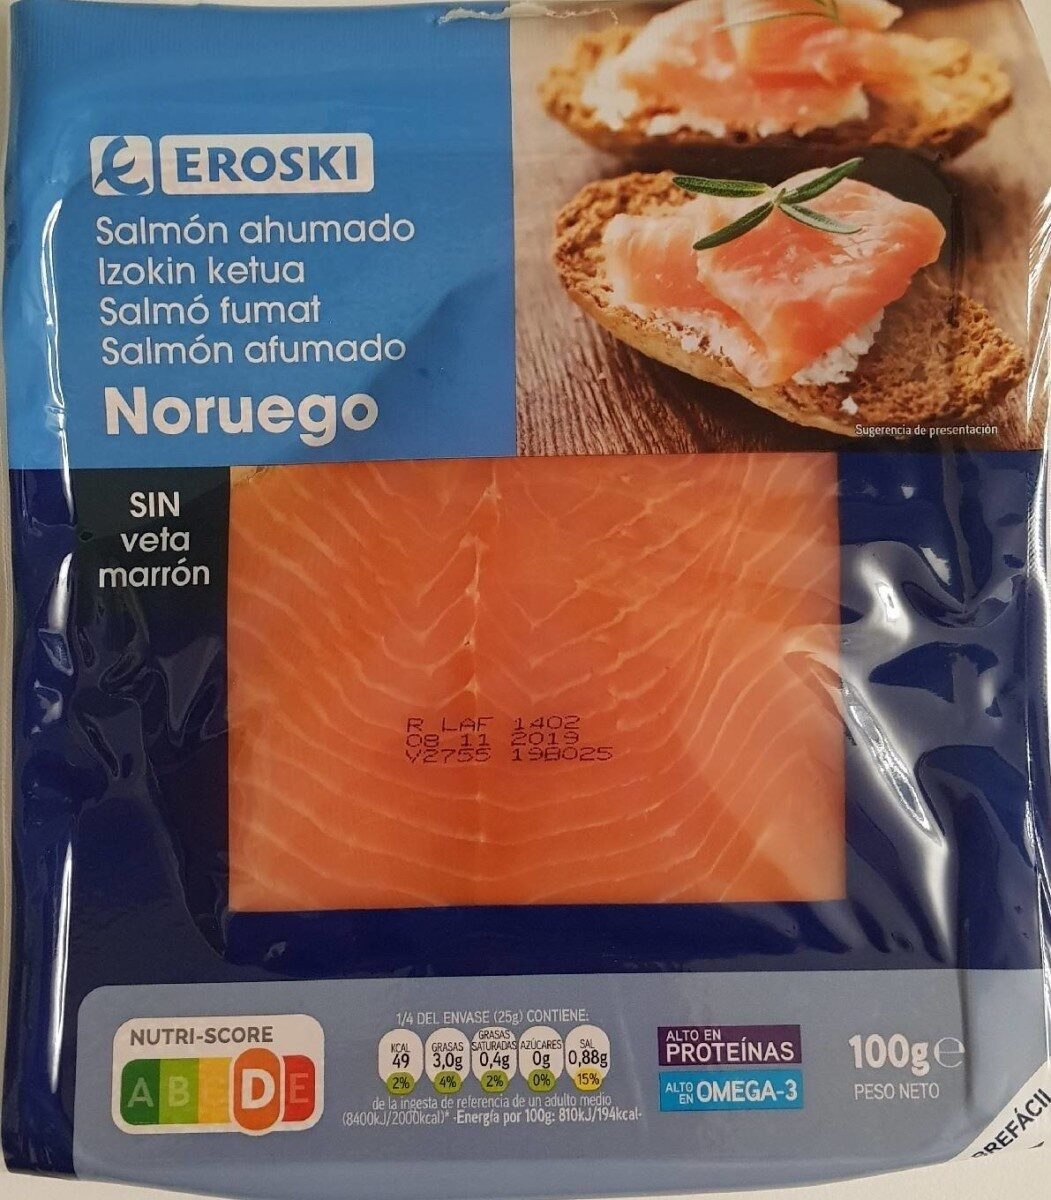 Salmón ahumado Noruego - Producto